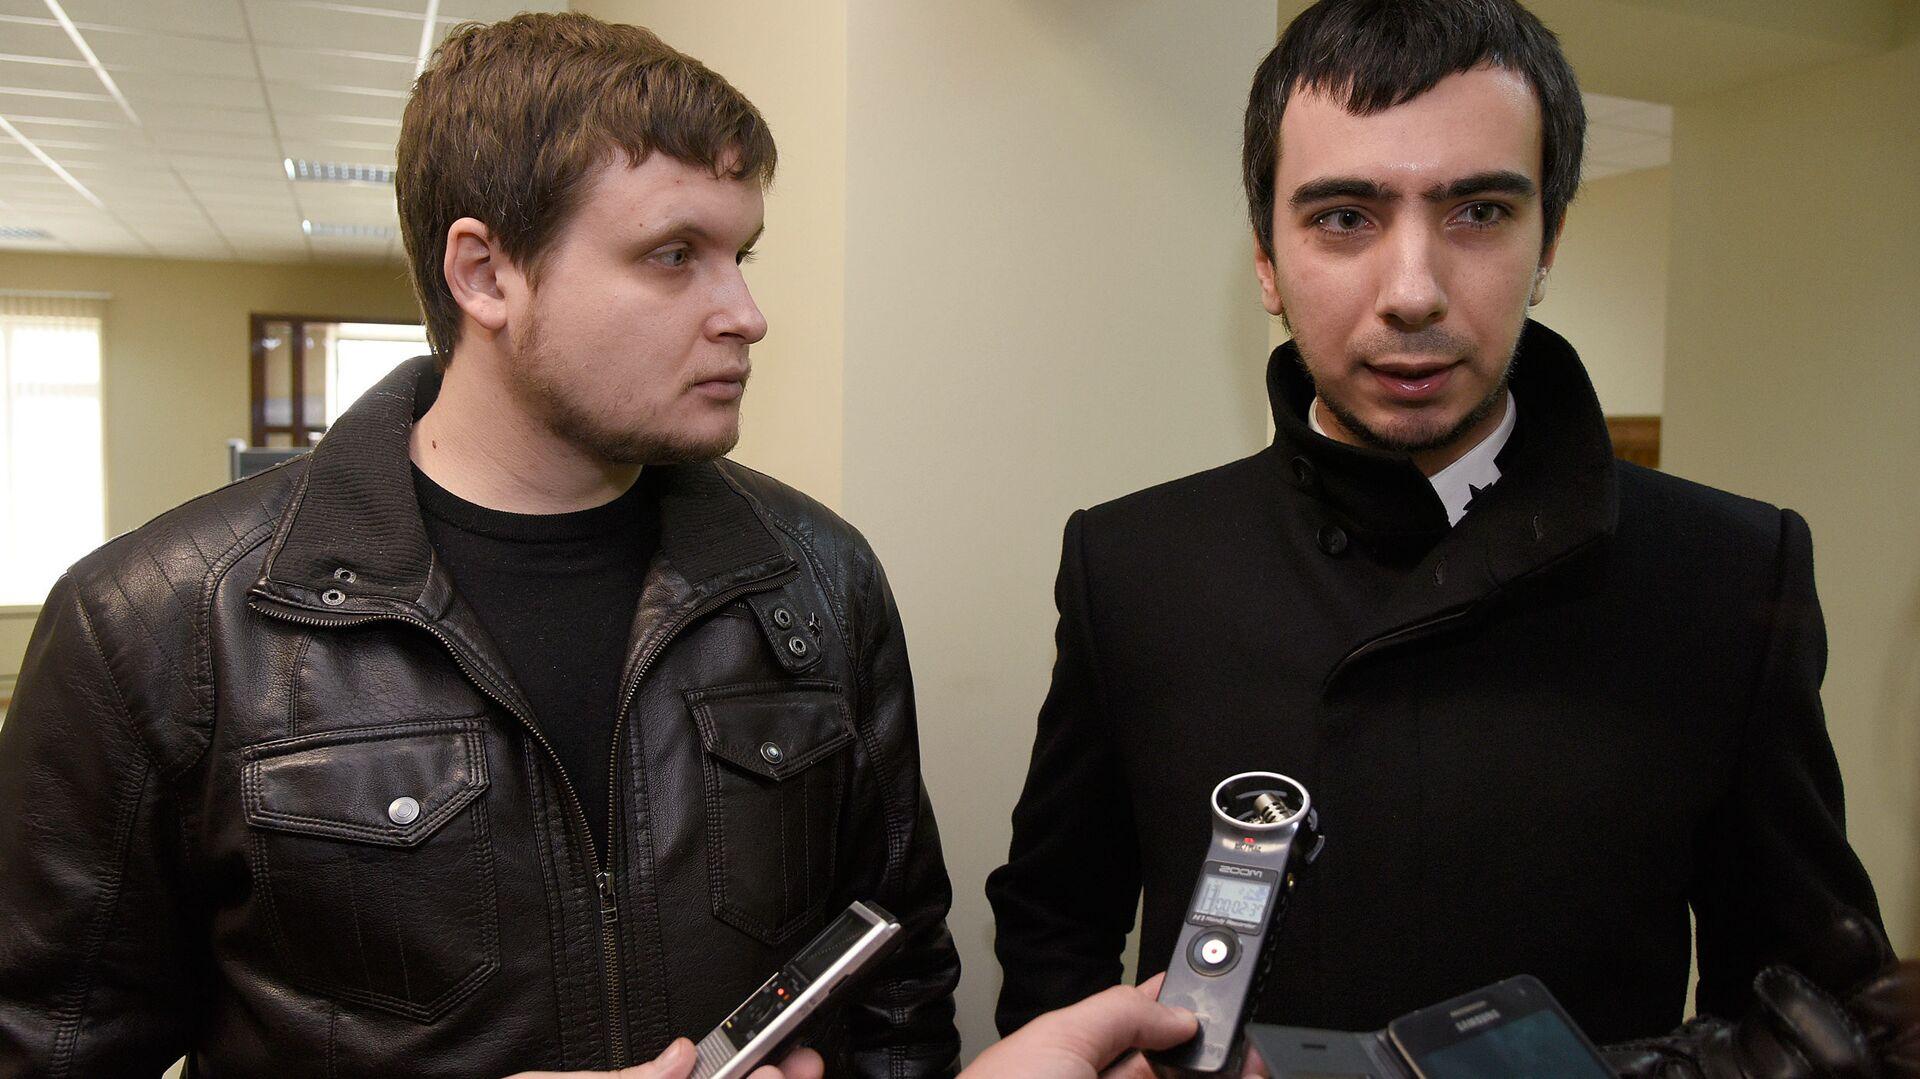 Prankeři Lexus (Andrej Stoljarov) a Vovan (Vladimir Kuzněcov) - Sputnik Česká republika, 1920, 14.09.2021